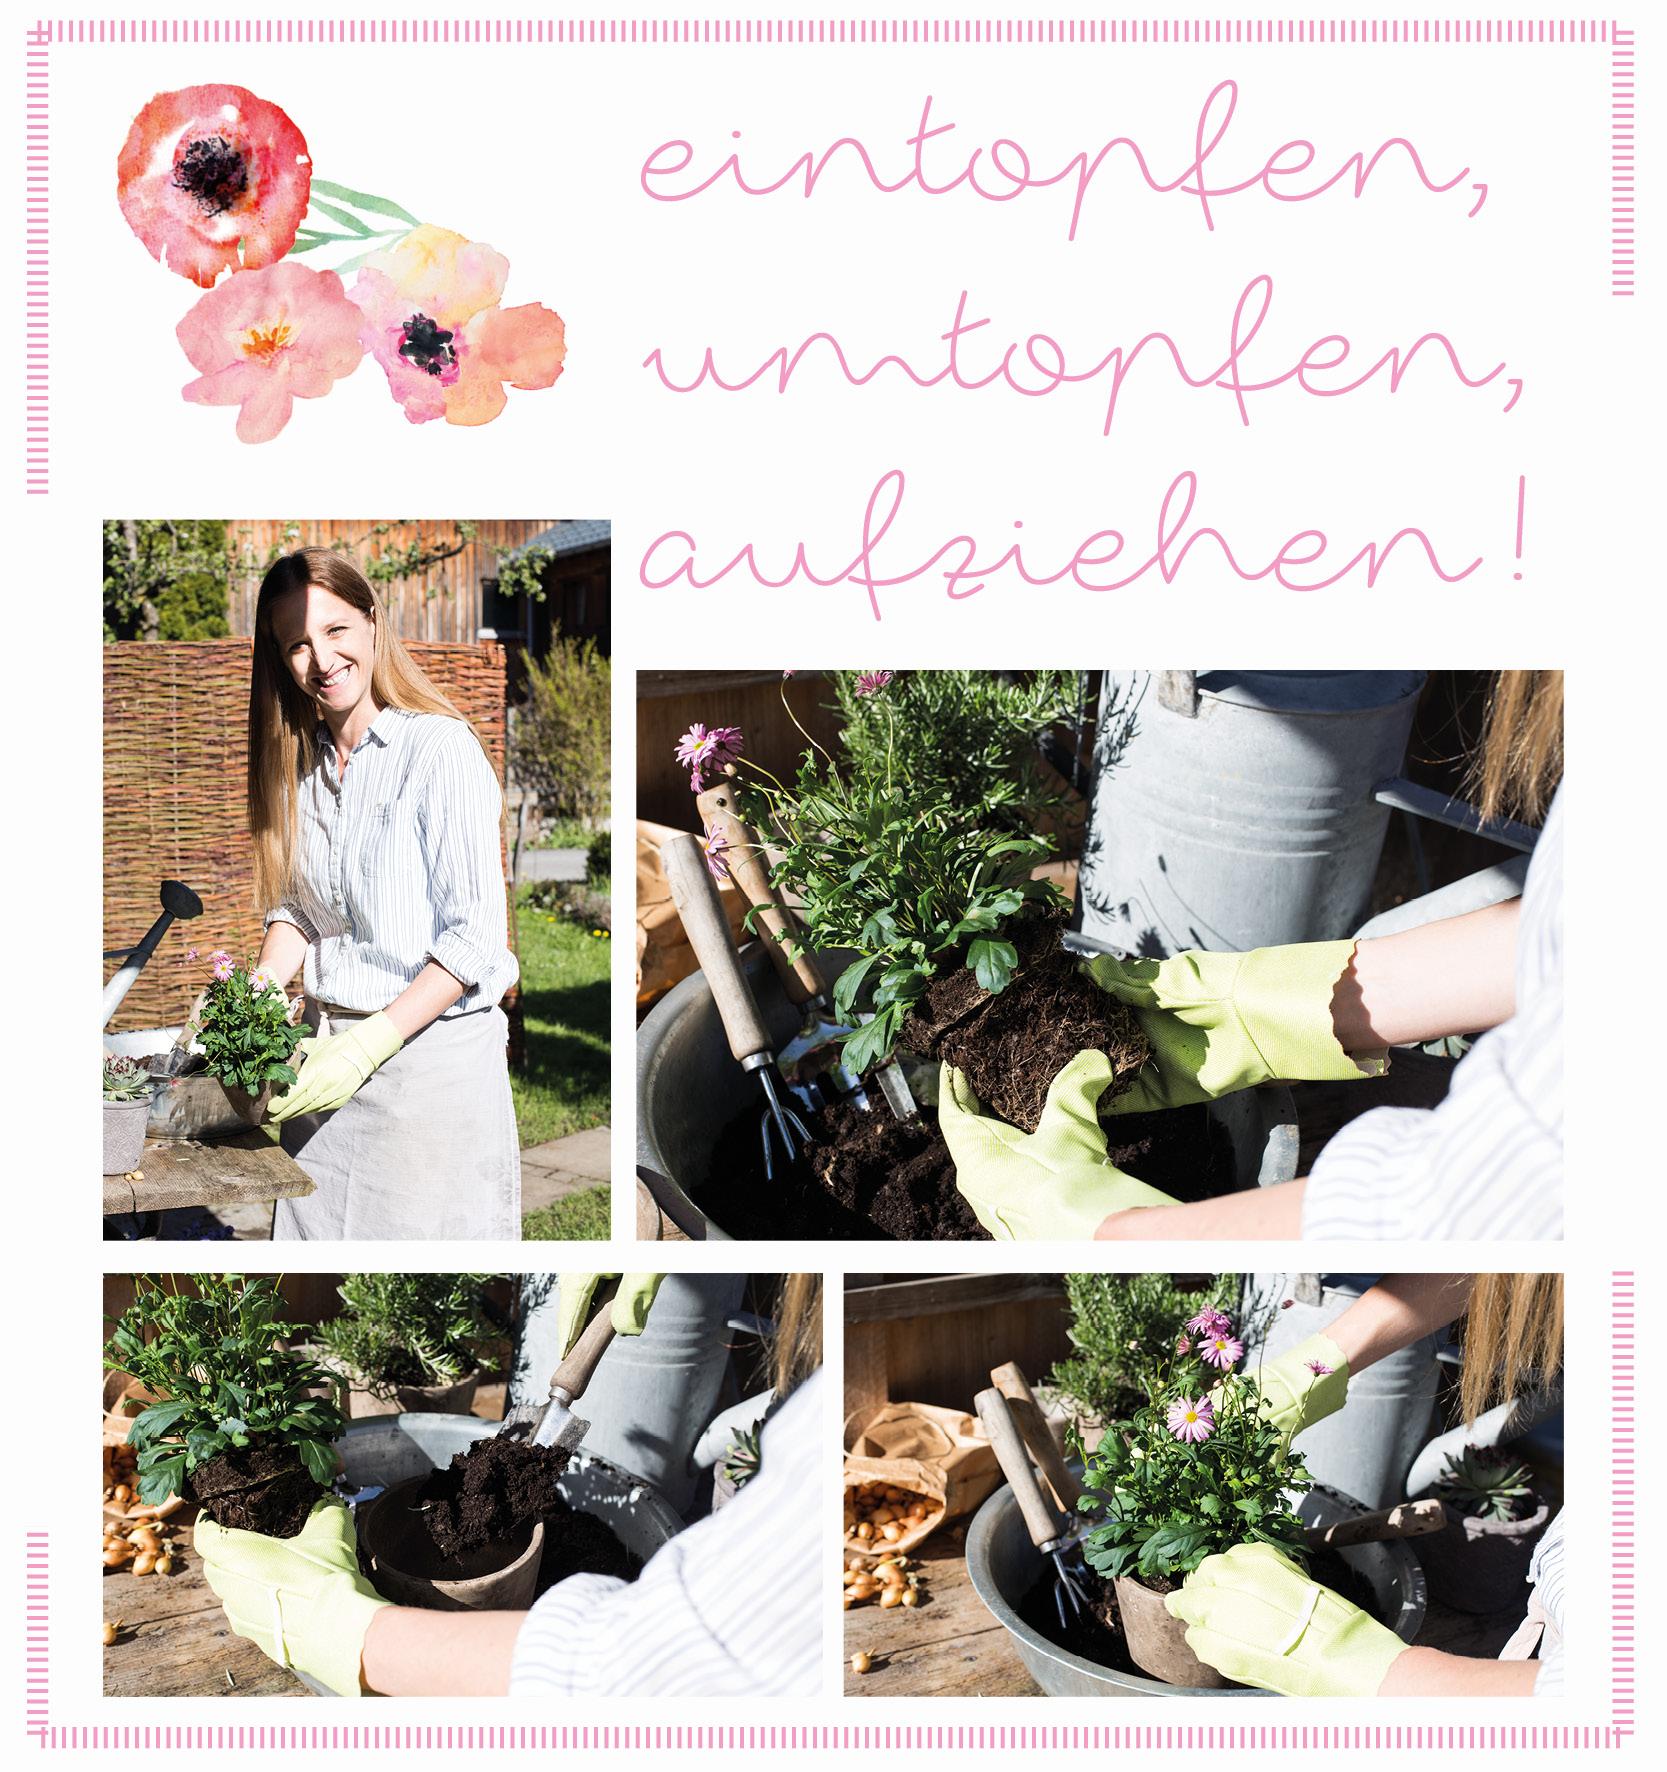 Gartentipps: eintopfen, umtopfen, aufziehen - Edith Klinger zeigt, wie's geht